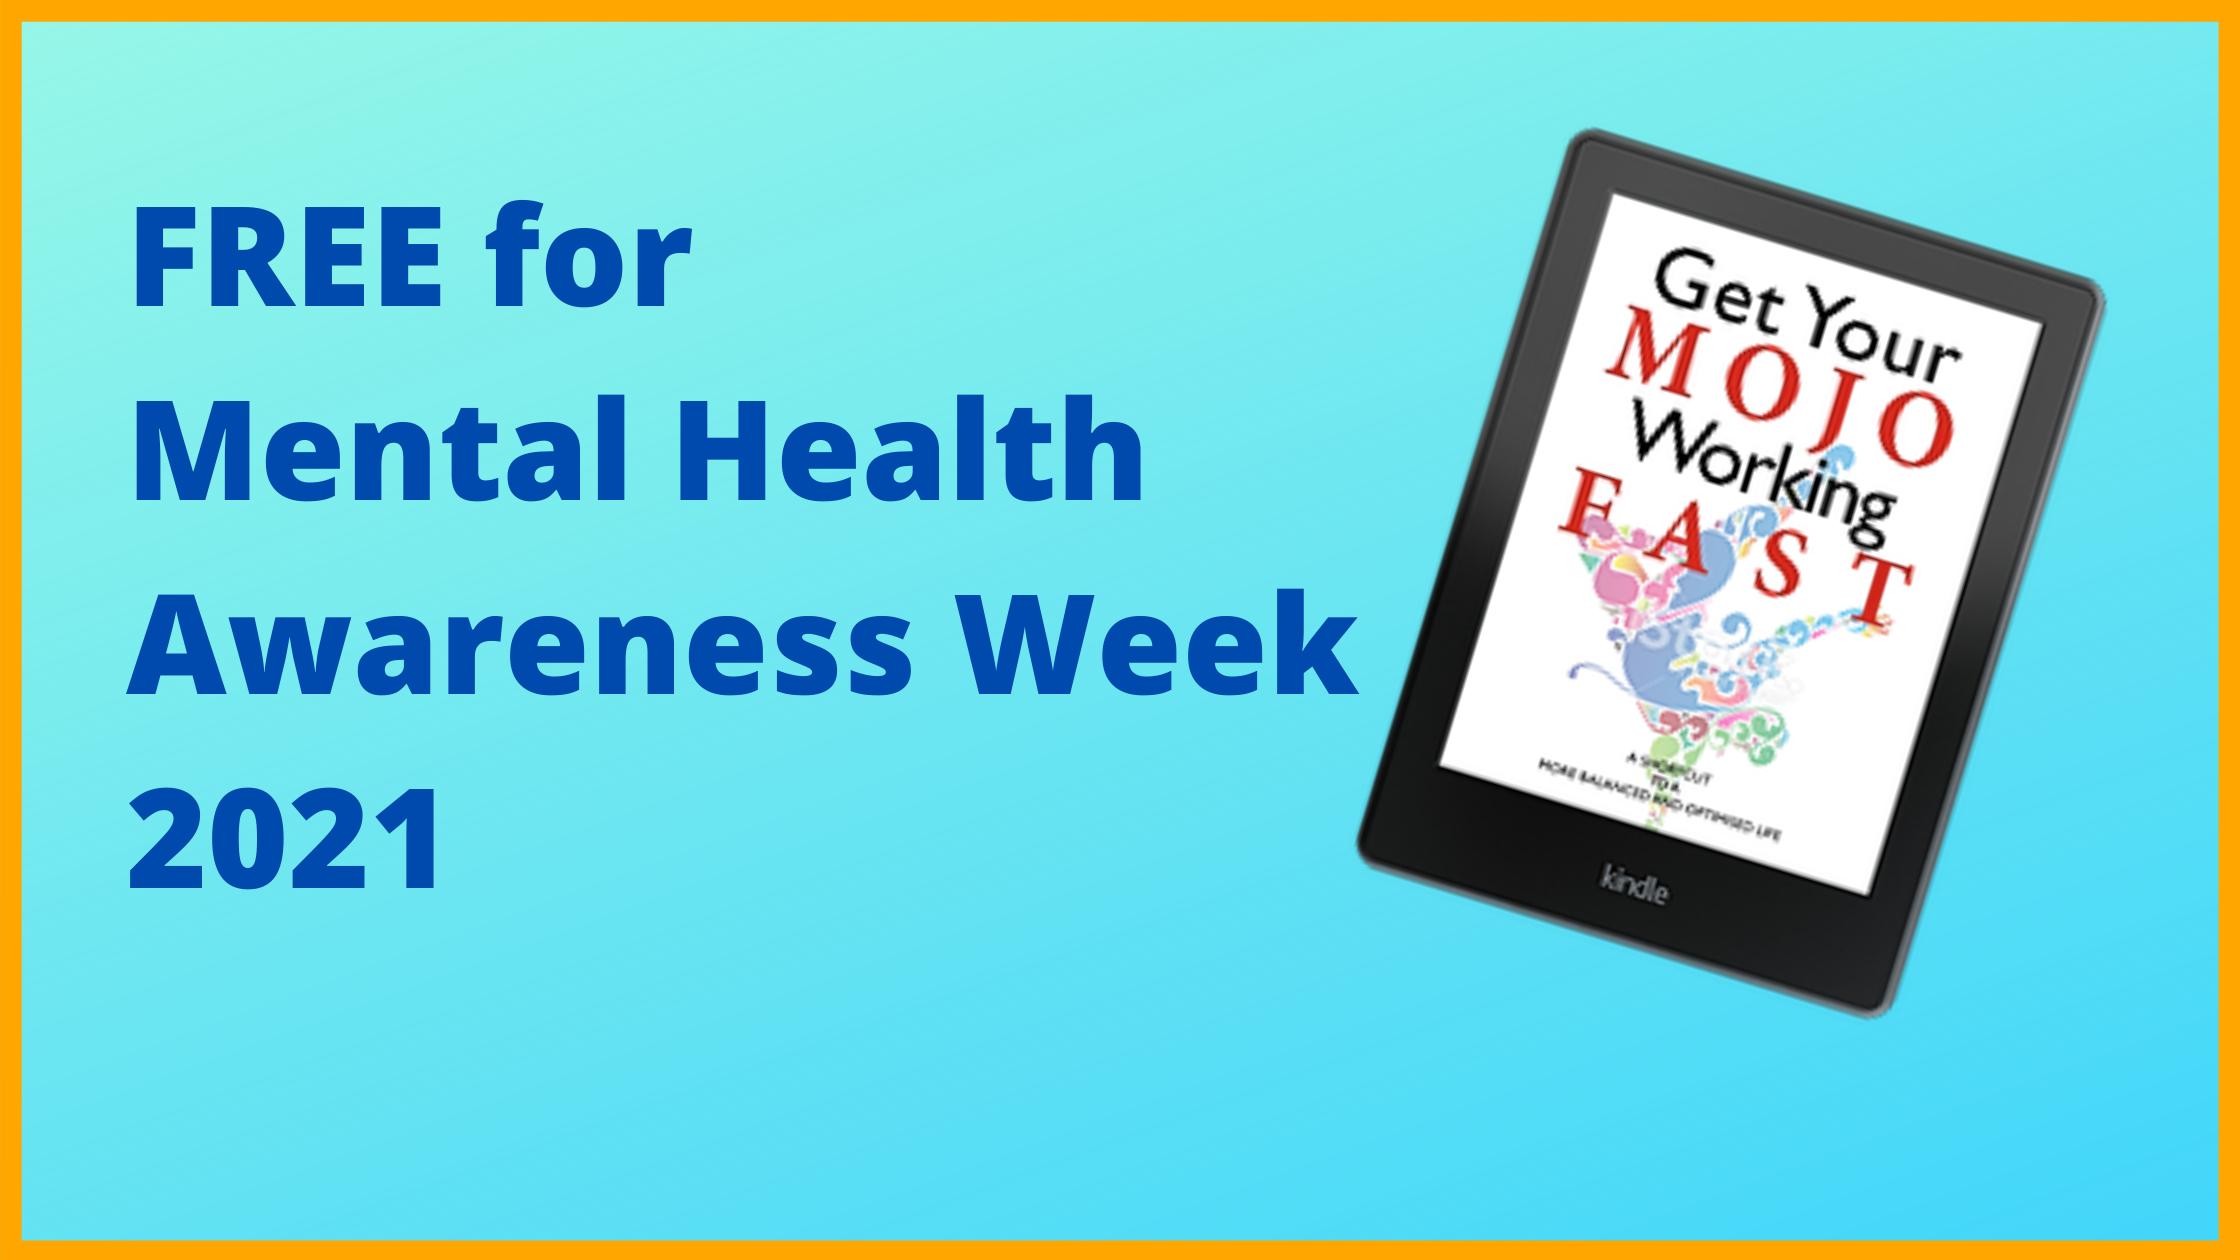 Free Ebook For Mental Health Awareness Week 2021